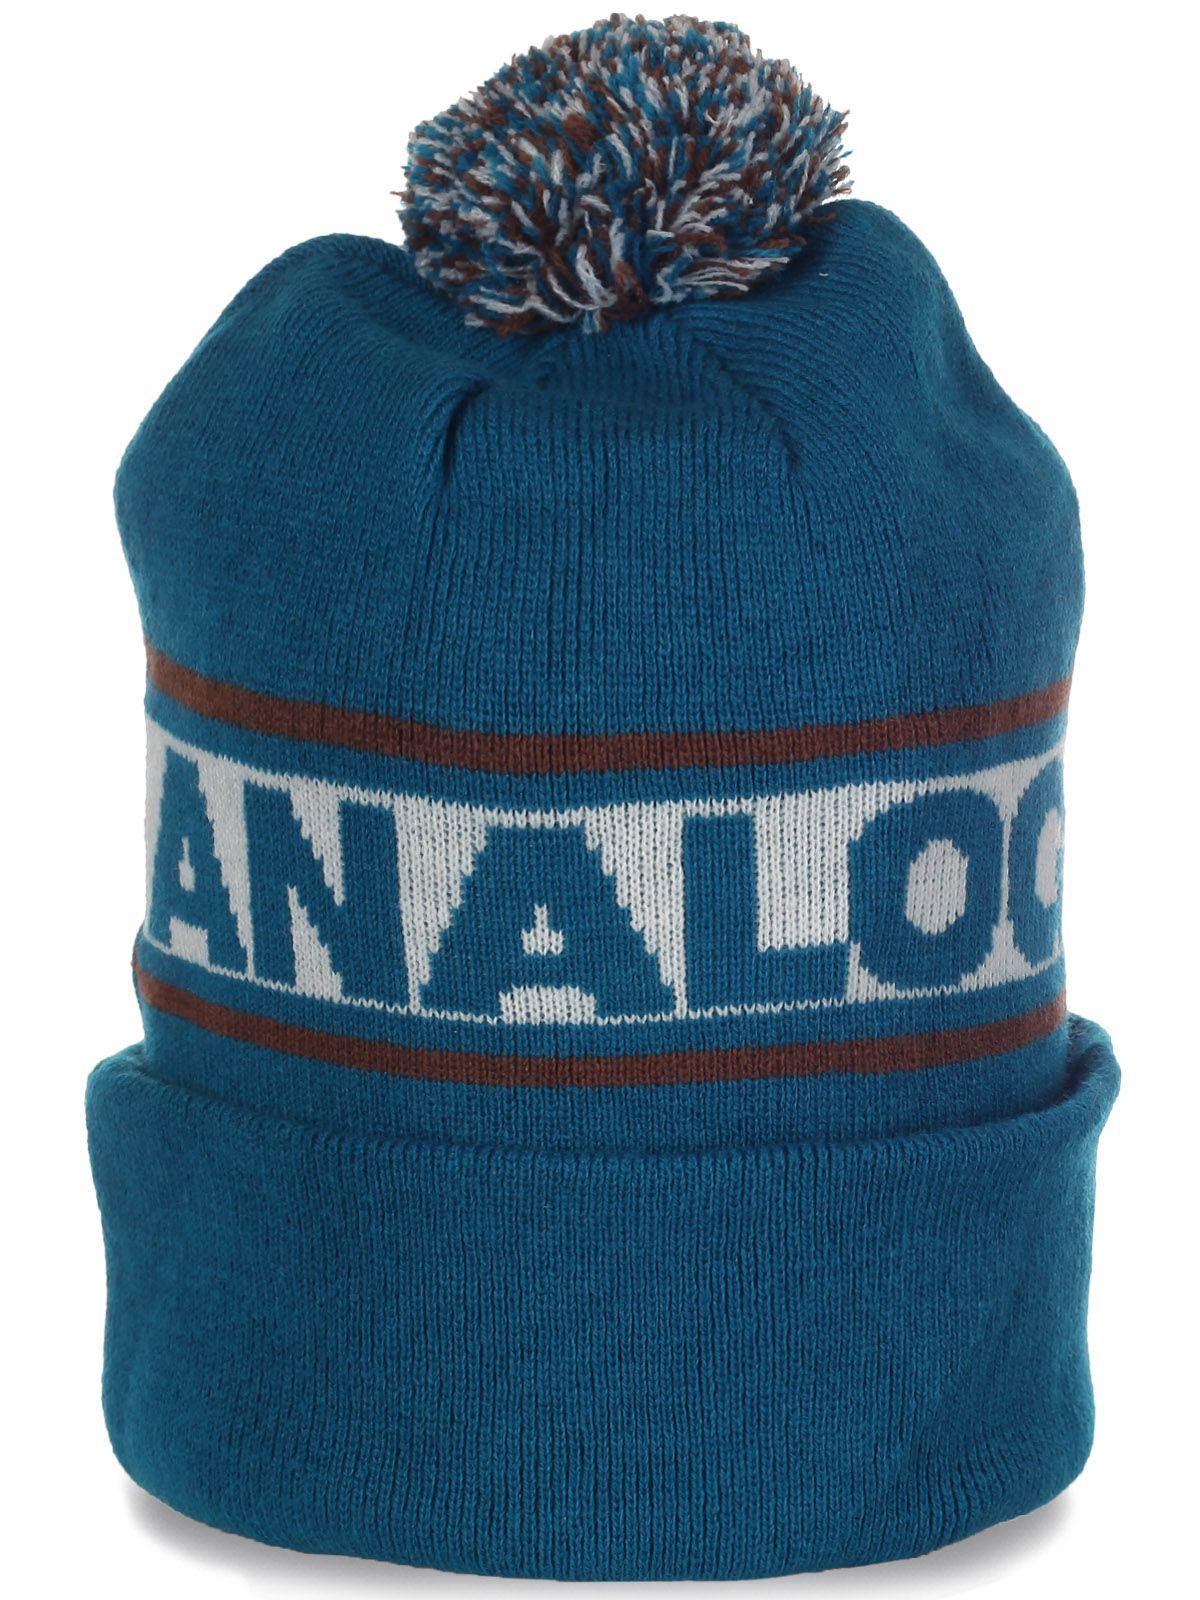 Супермодная шапка с помпоном от Analog - хит сезона!